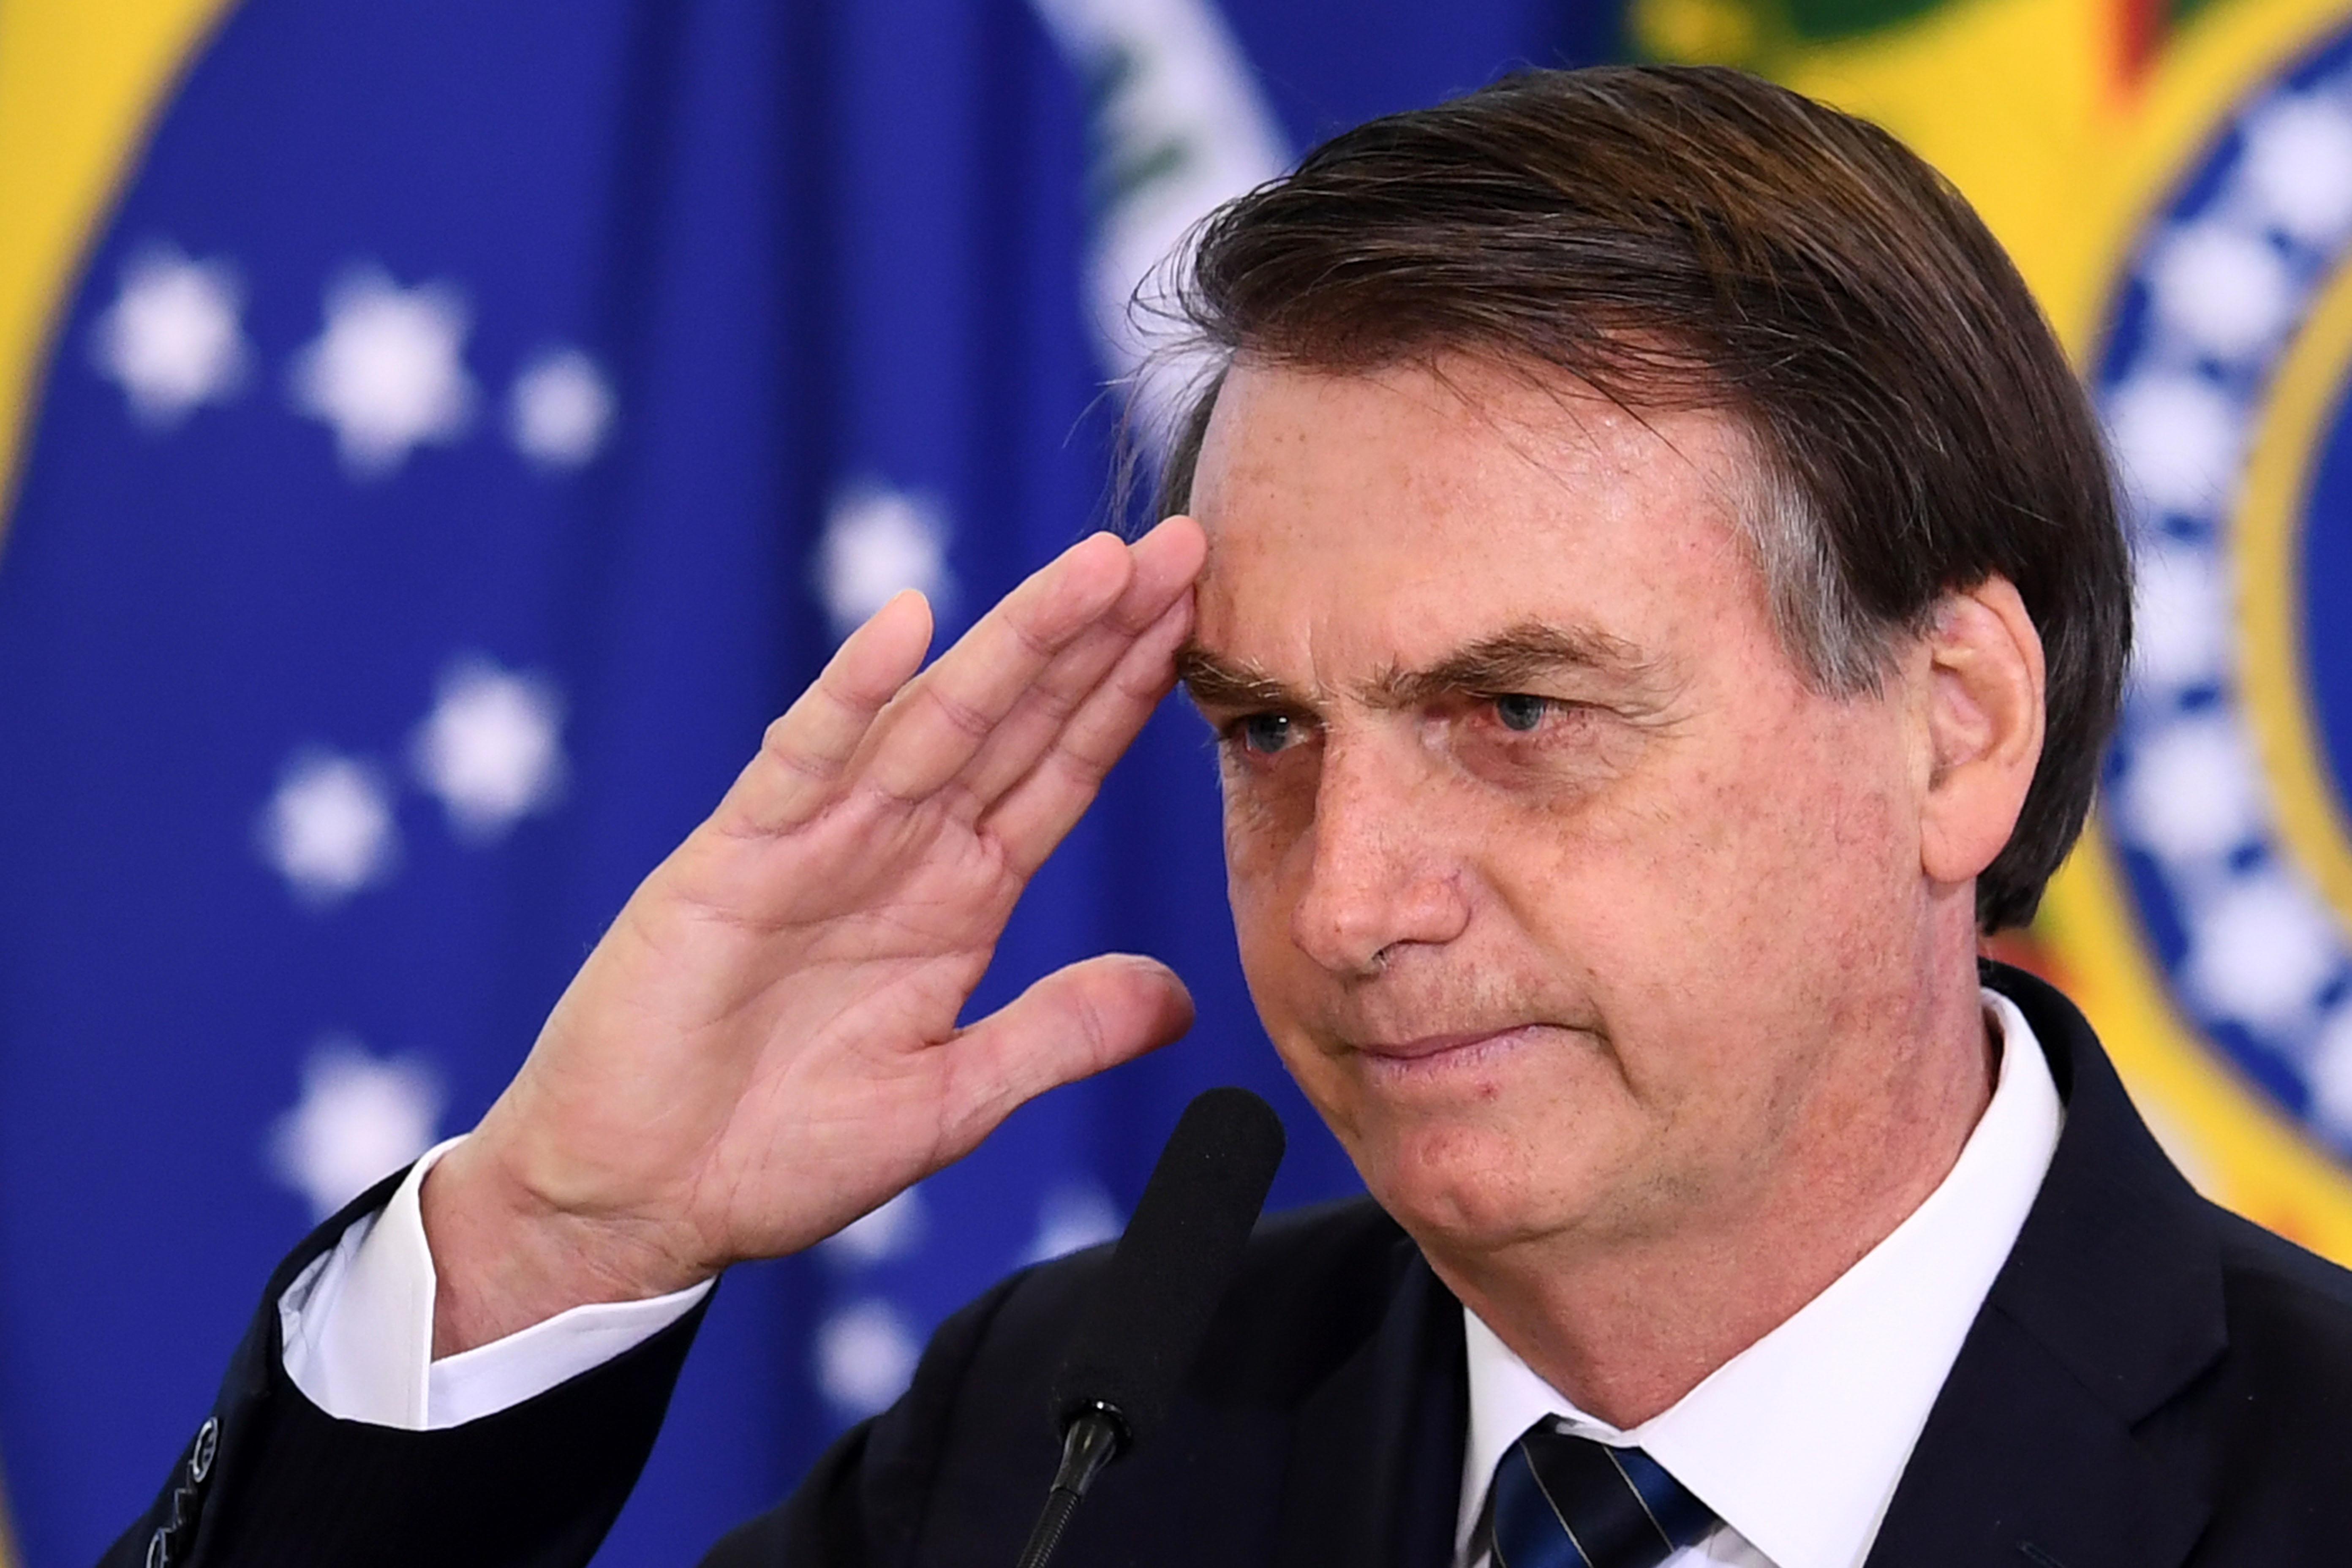 Bolsonaro szerint az erdőtüzek ellen fellépő G7-országok úgy kezelik Brazíliát, mintha gyarmat vagy senki földje lenne